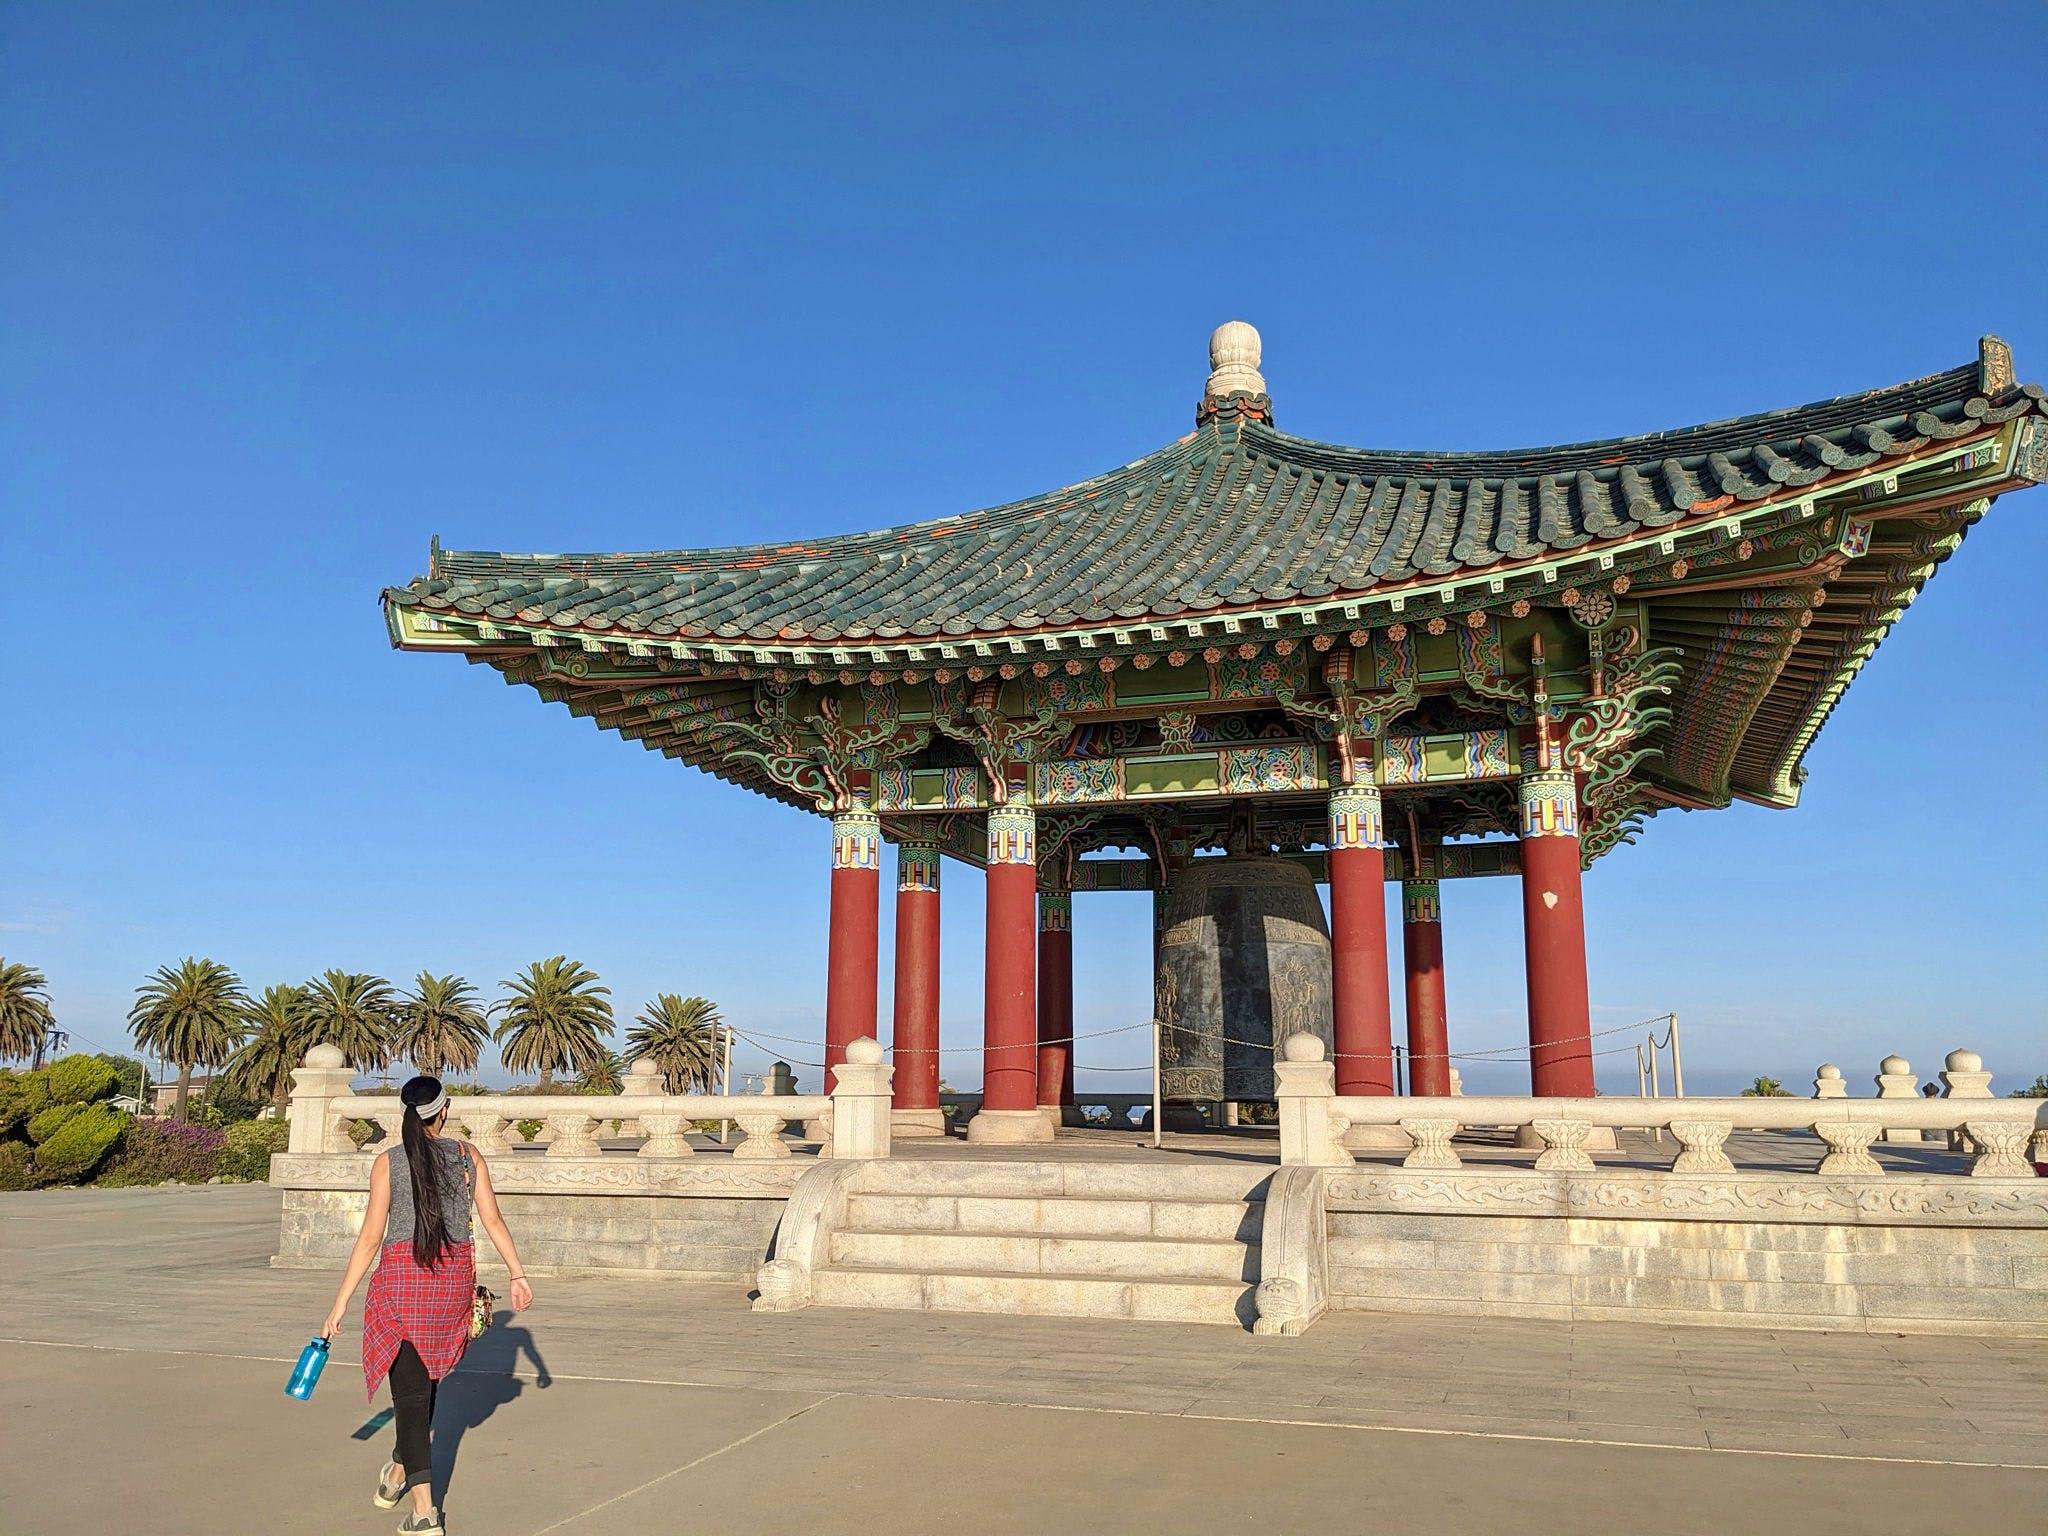 Korean Friendship Bell in Los Angeles